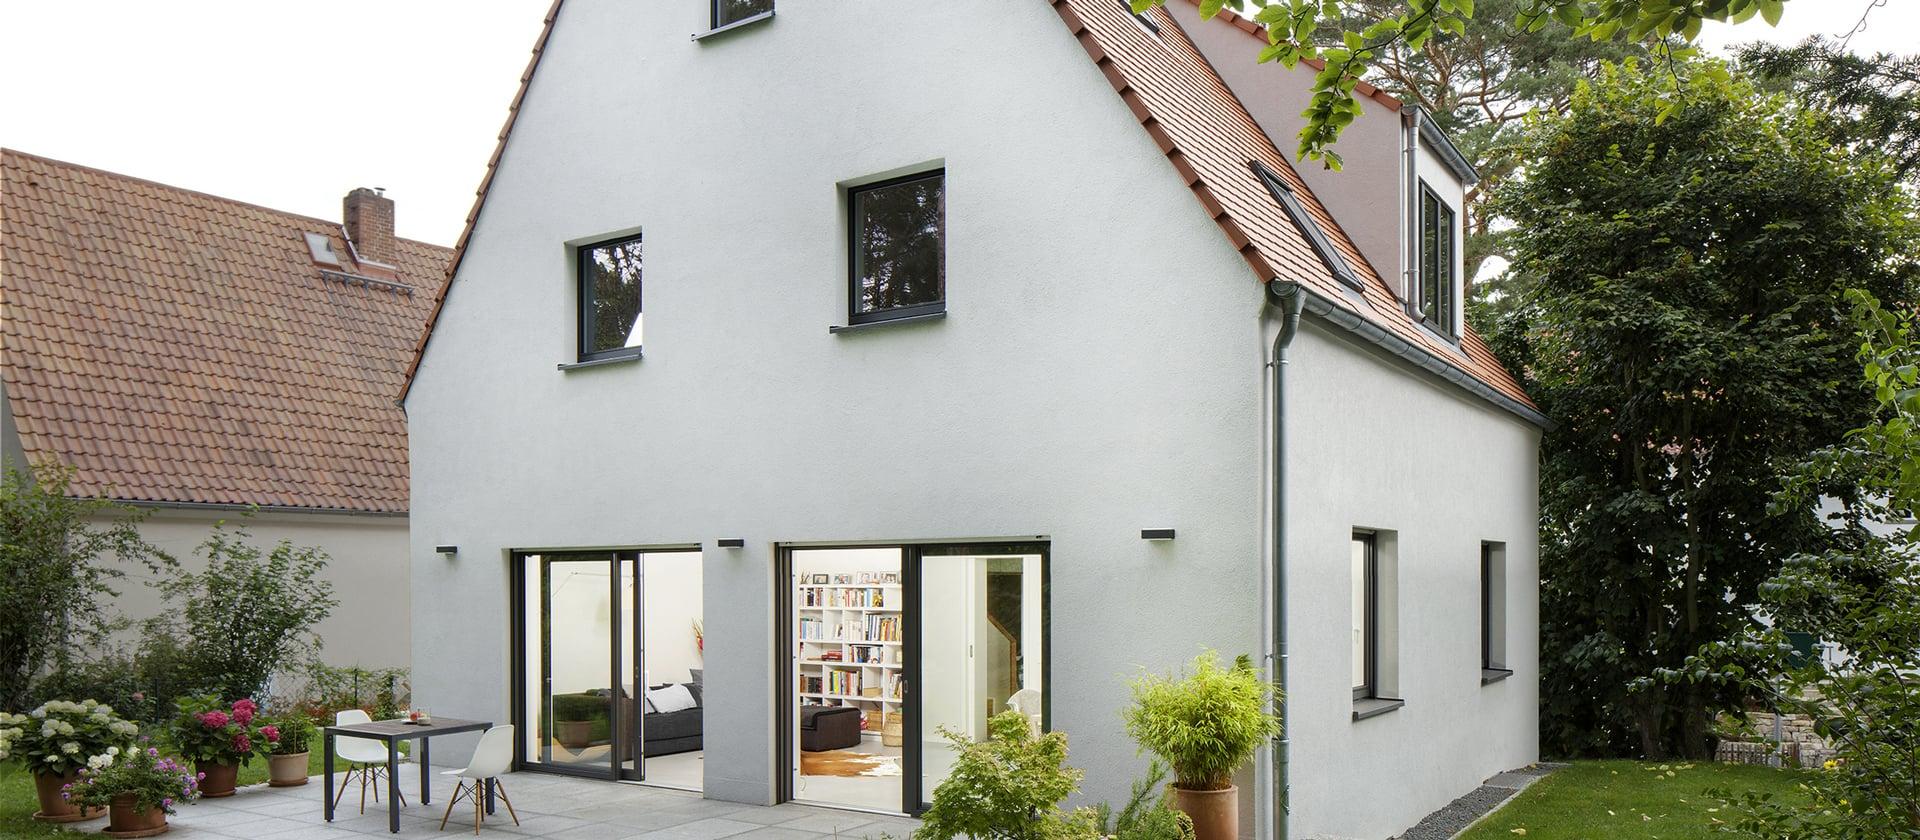 Casa unifamiliar en Berlin